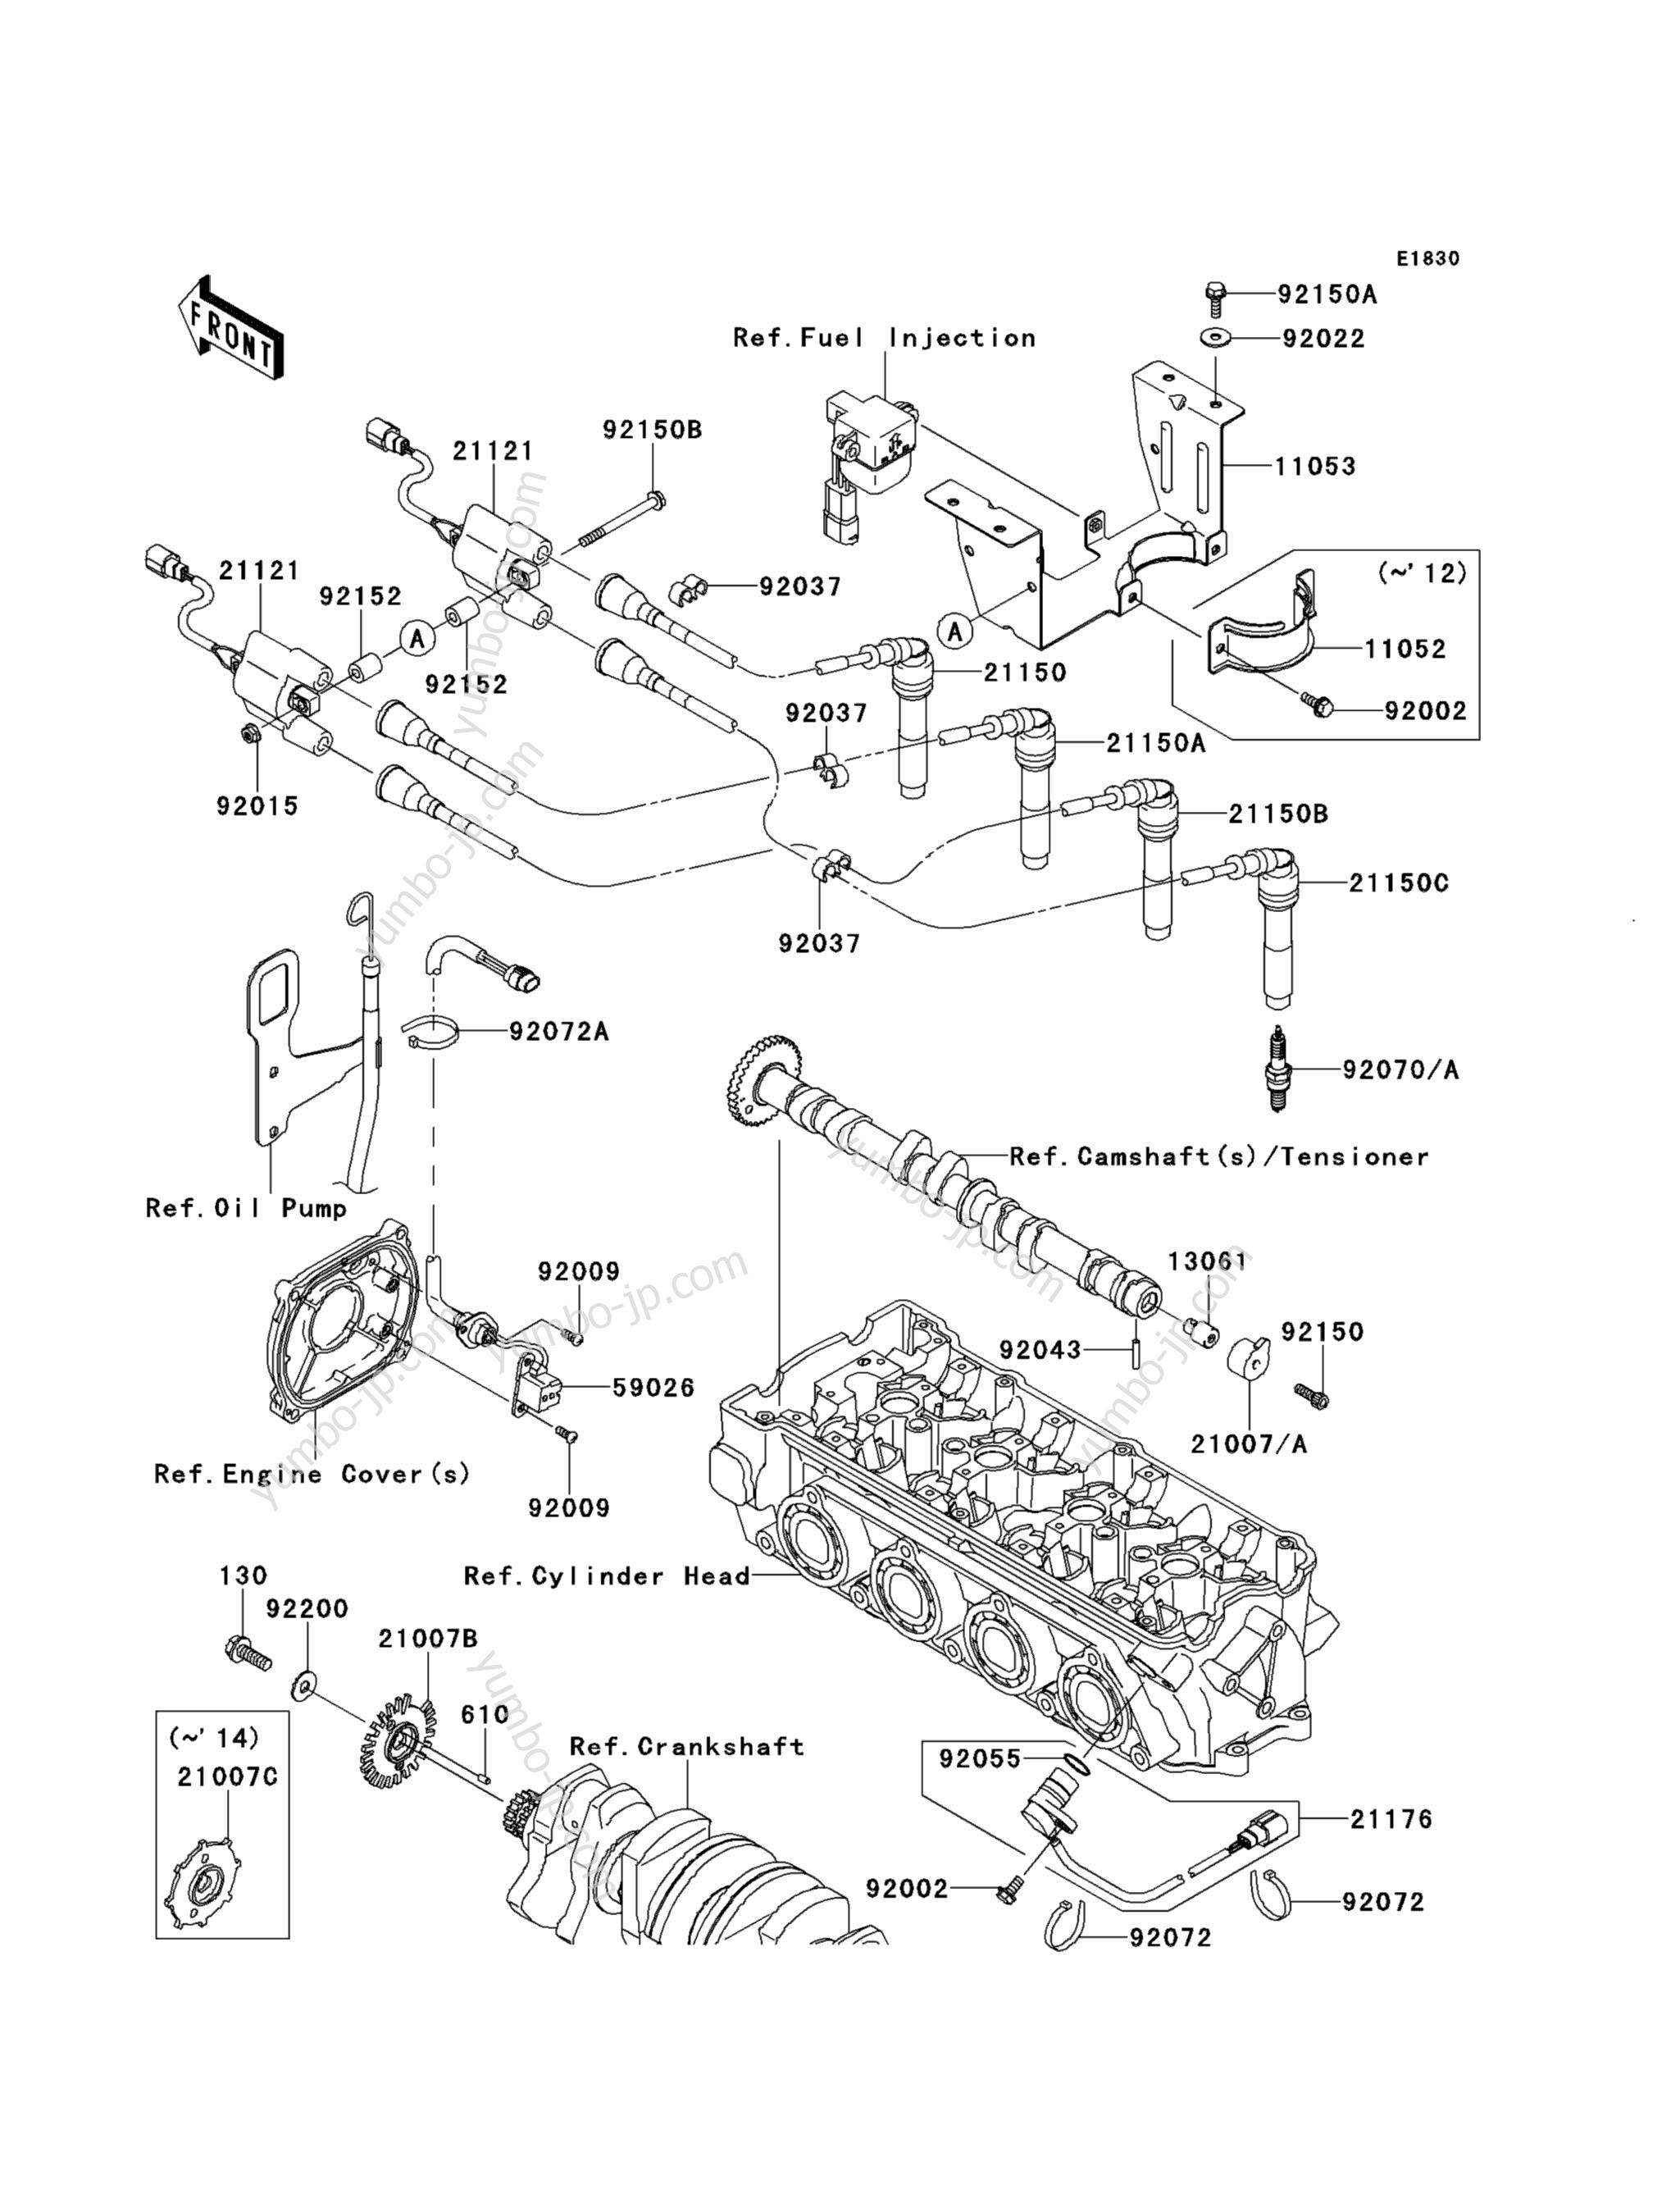 IGNITION SYSTEM для гидроцикла KAWASAKI JET SKI STX-15F (JT1500ADF) 2013 г.